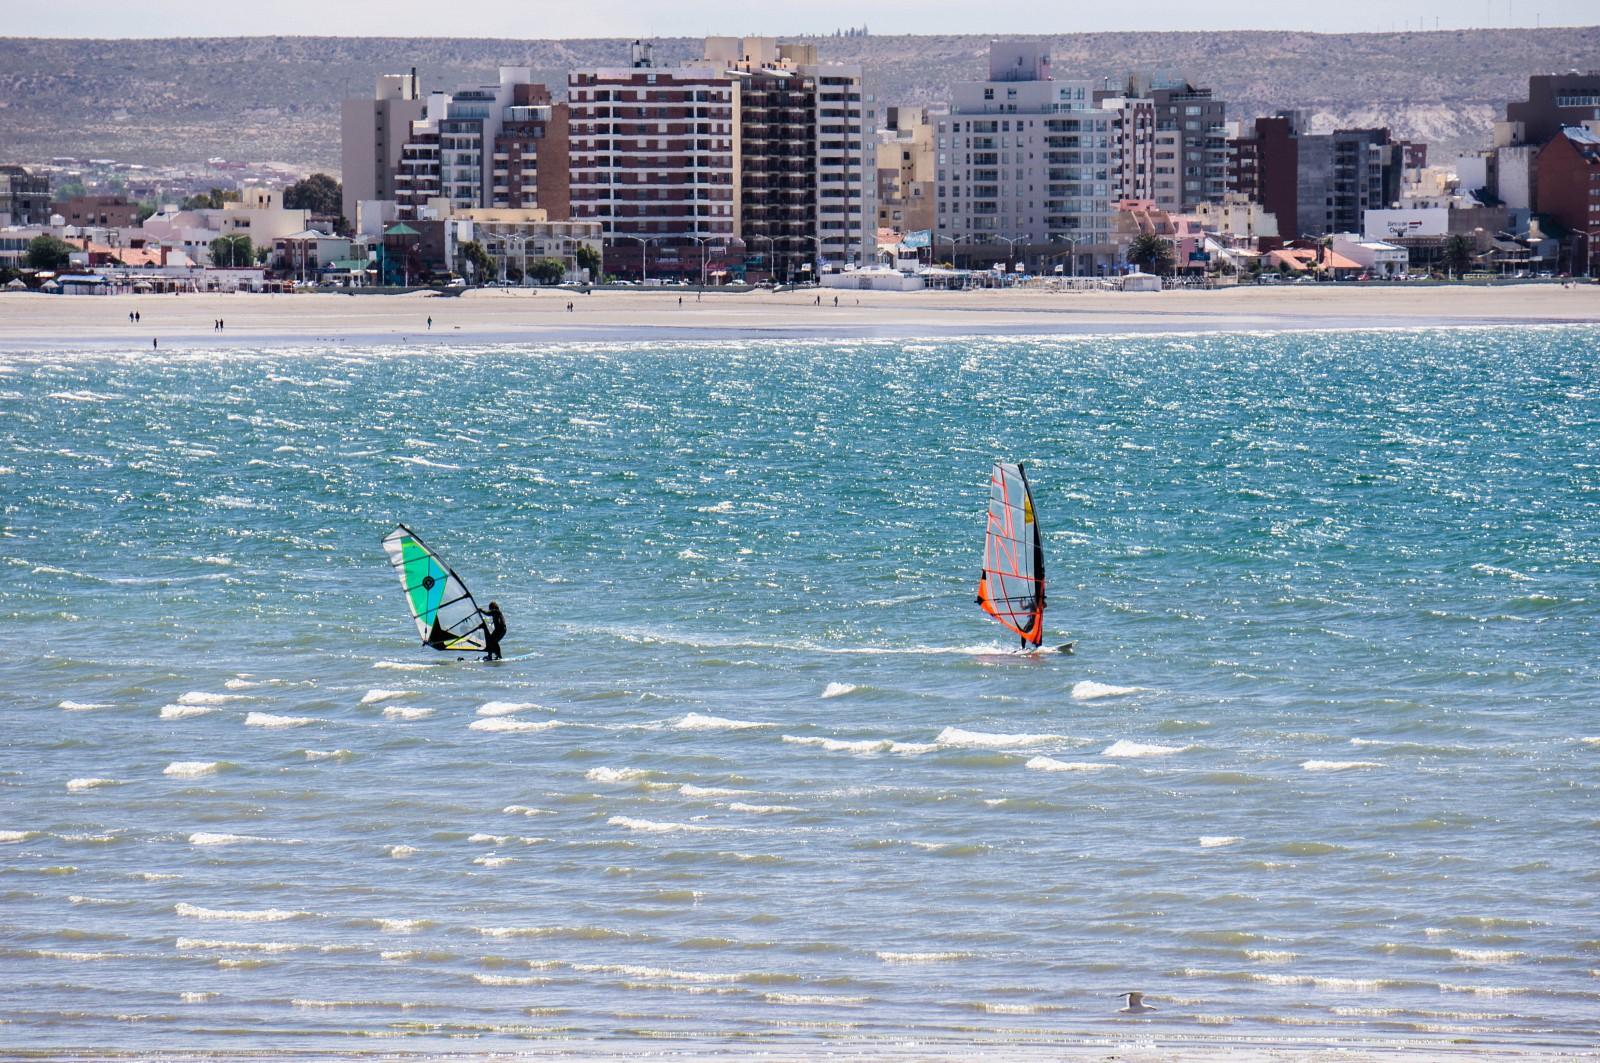 La plage de Puerto Madryn